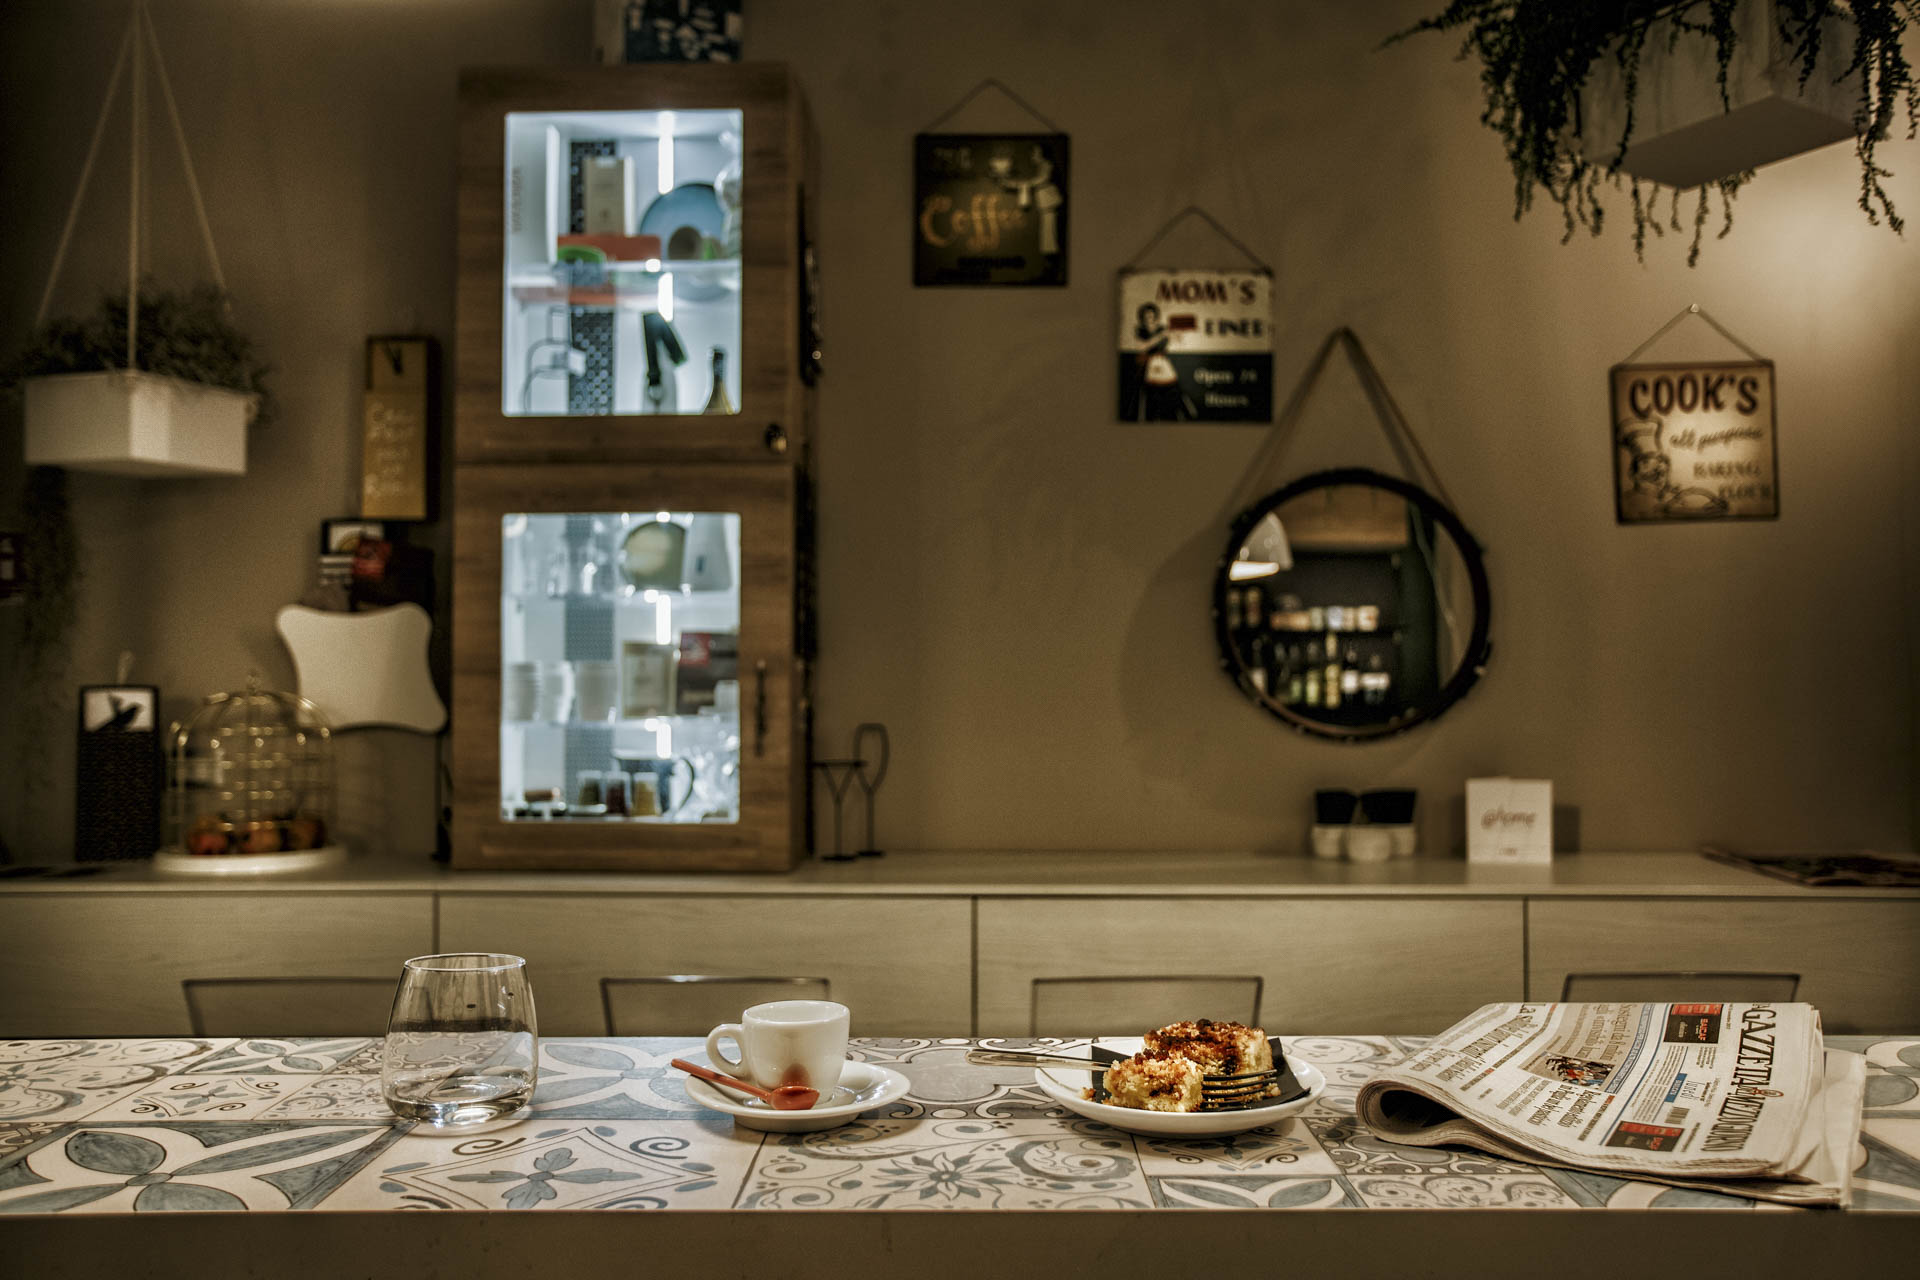 Benvenuti a casa, Michele Abriola, CatchingA Moment Photography @home – è la costruzione di un'idea di accoglienza e condivisione.